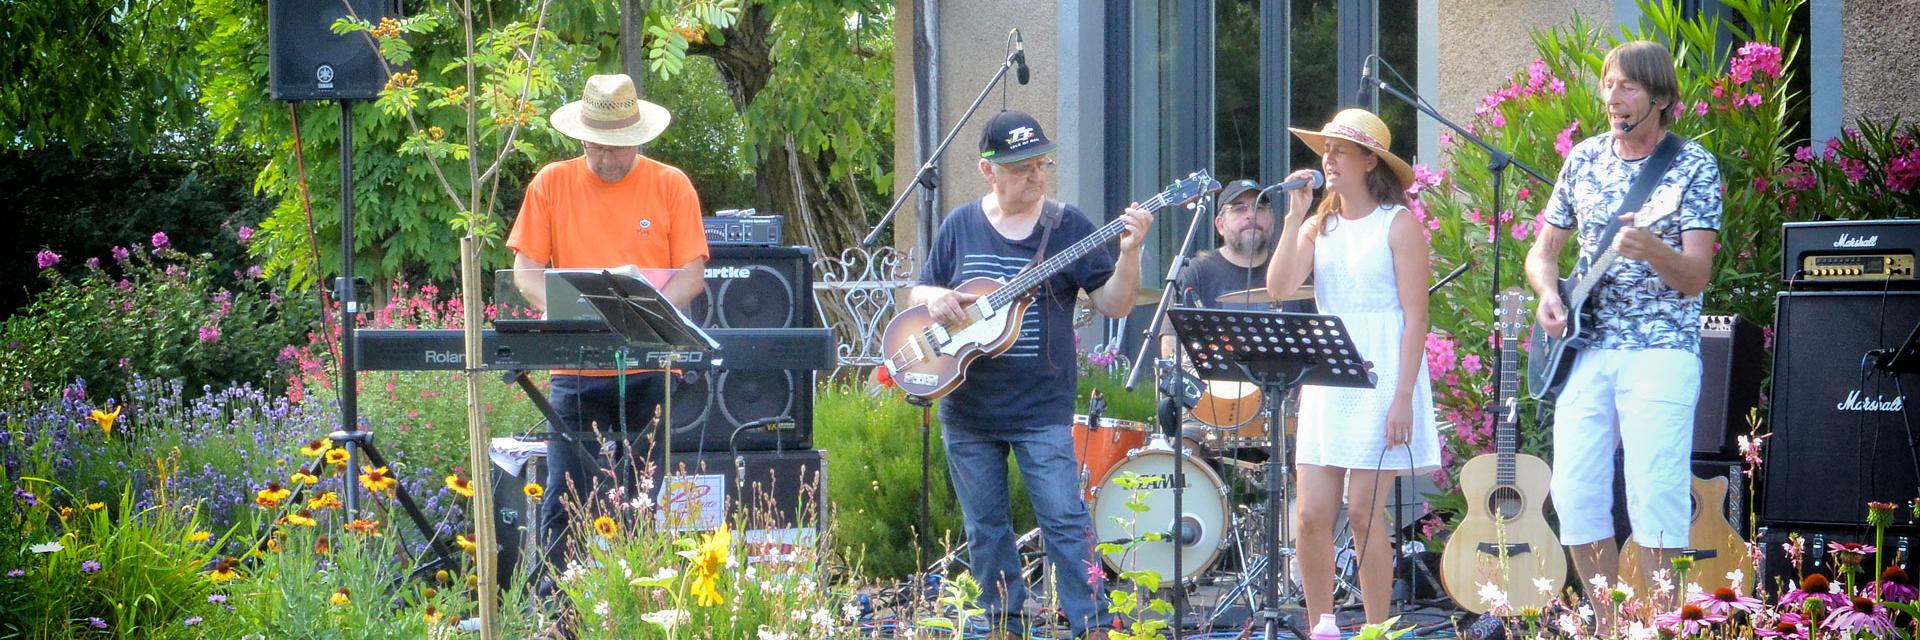 GROOVE LATITUDE, groupe de musique Rock en représentation à Côte d'Or - photo de couverture n° 4